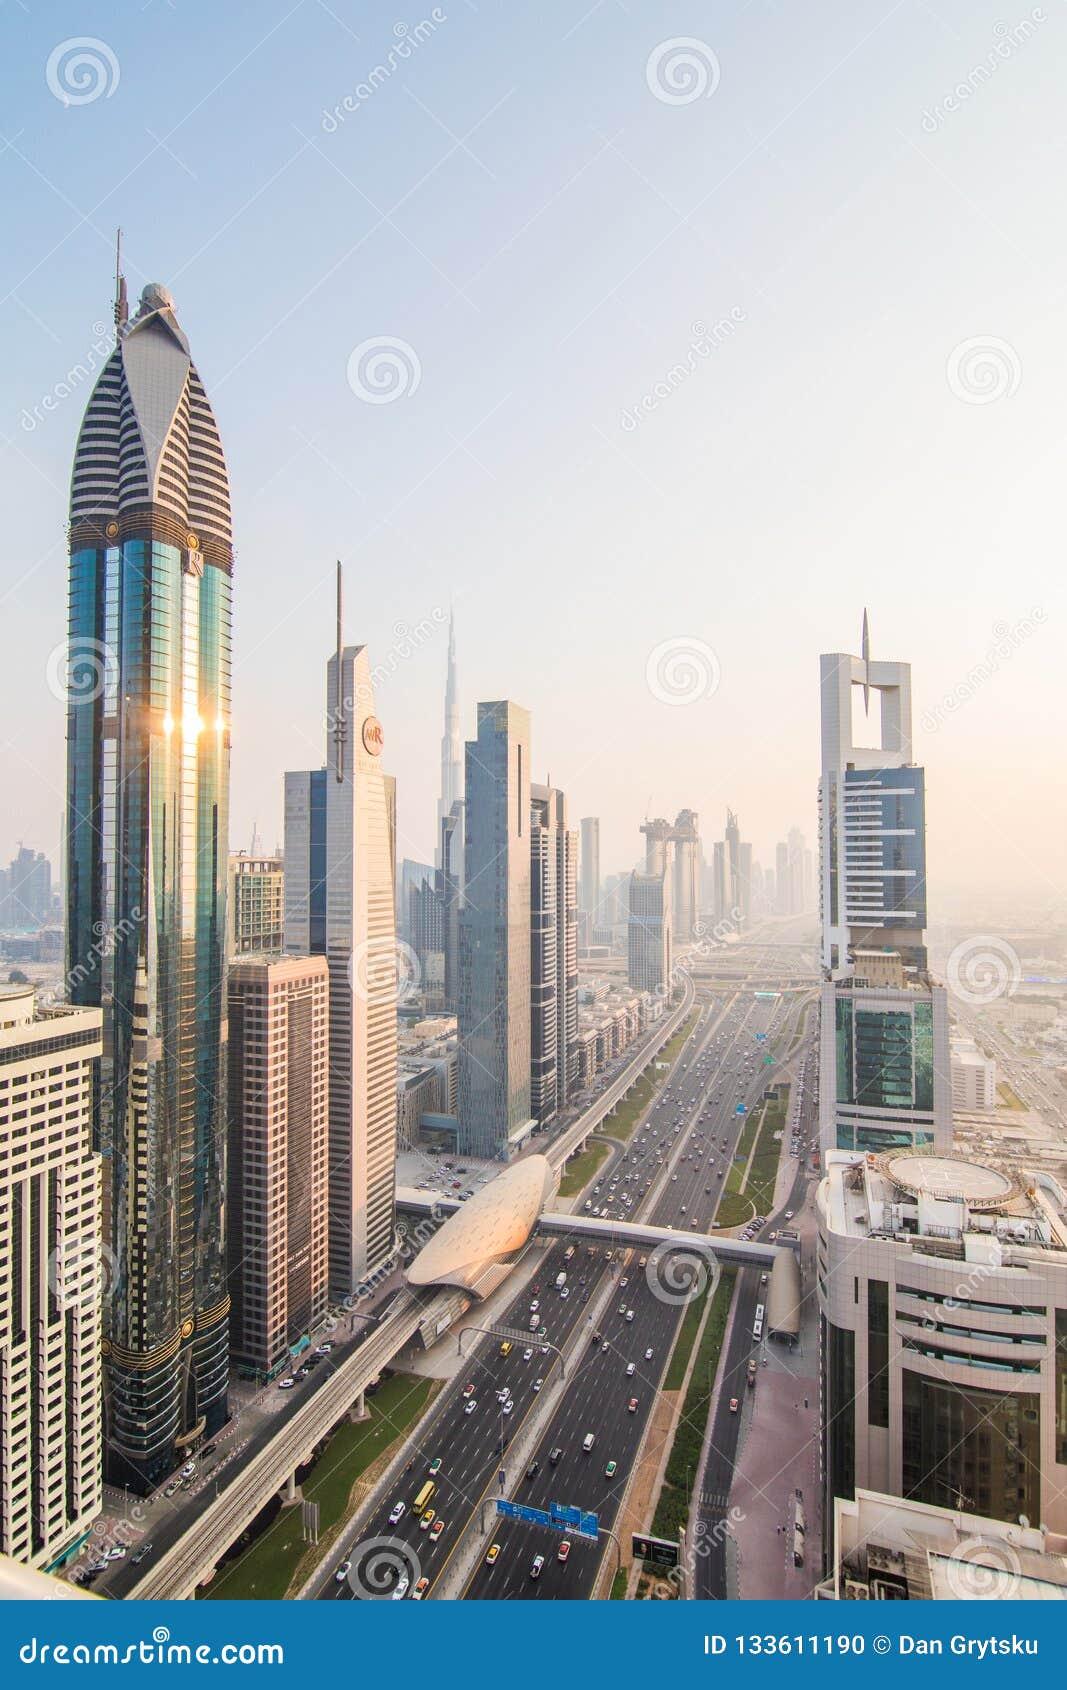 Дубай октябрь 2018 купить недвижимость на коста брава